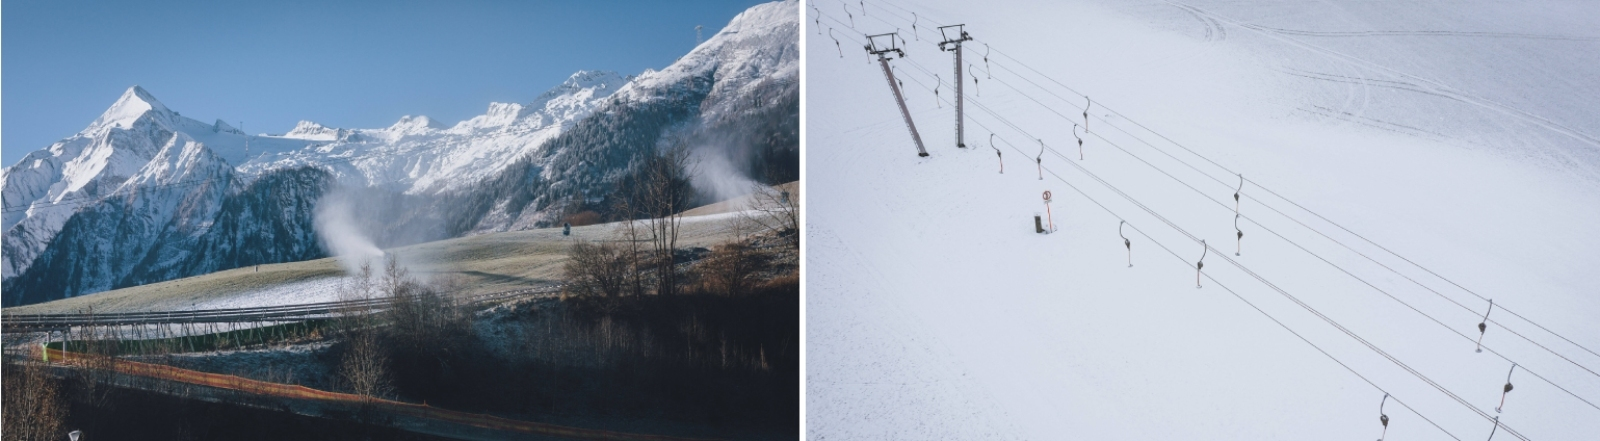 Schneekanonen  Ende November 2020 im österreichischen Kaprun und eine Liftanlage am gleichen Ort im Dezember 2020